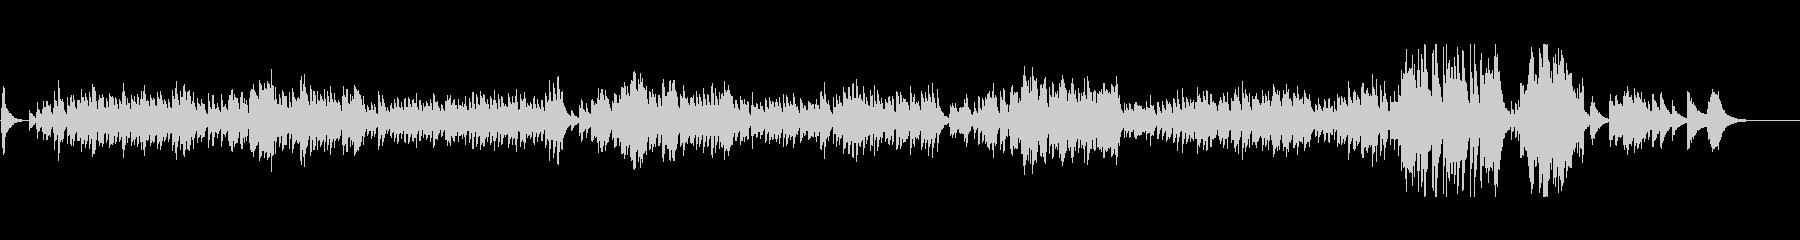 ノクターンをエレクトリックピアノでの未再生の波形